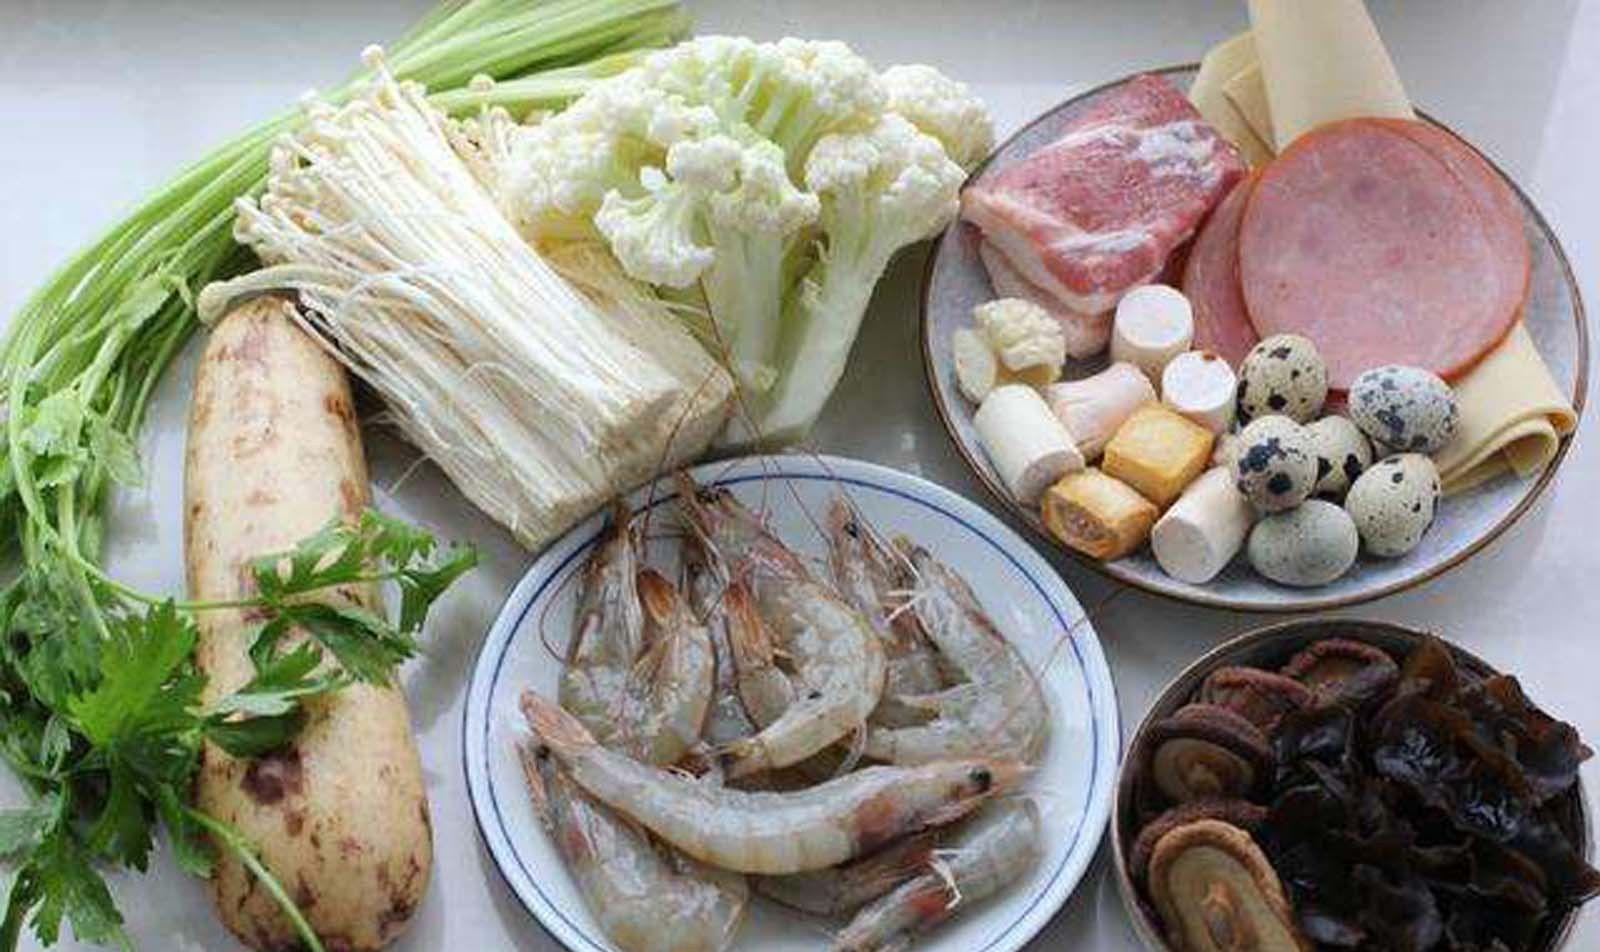 家常版麻辣香锅制作过程